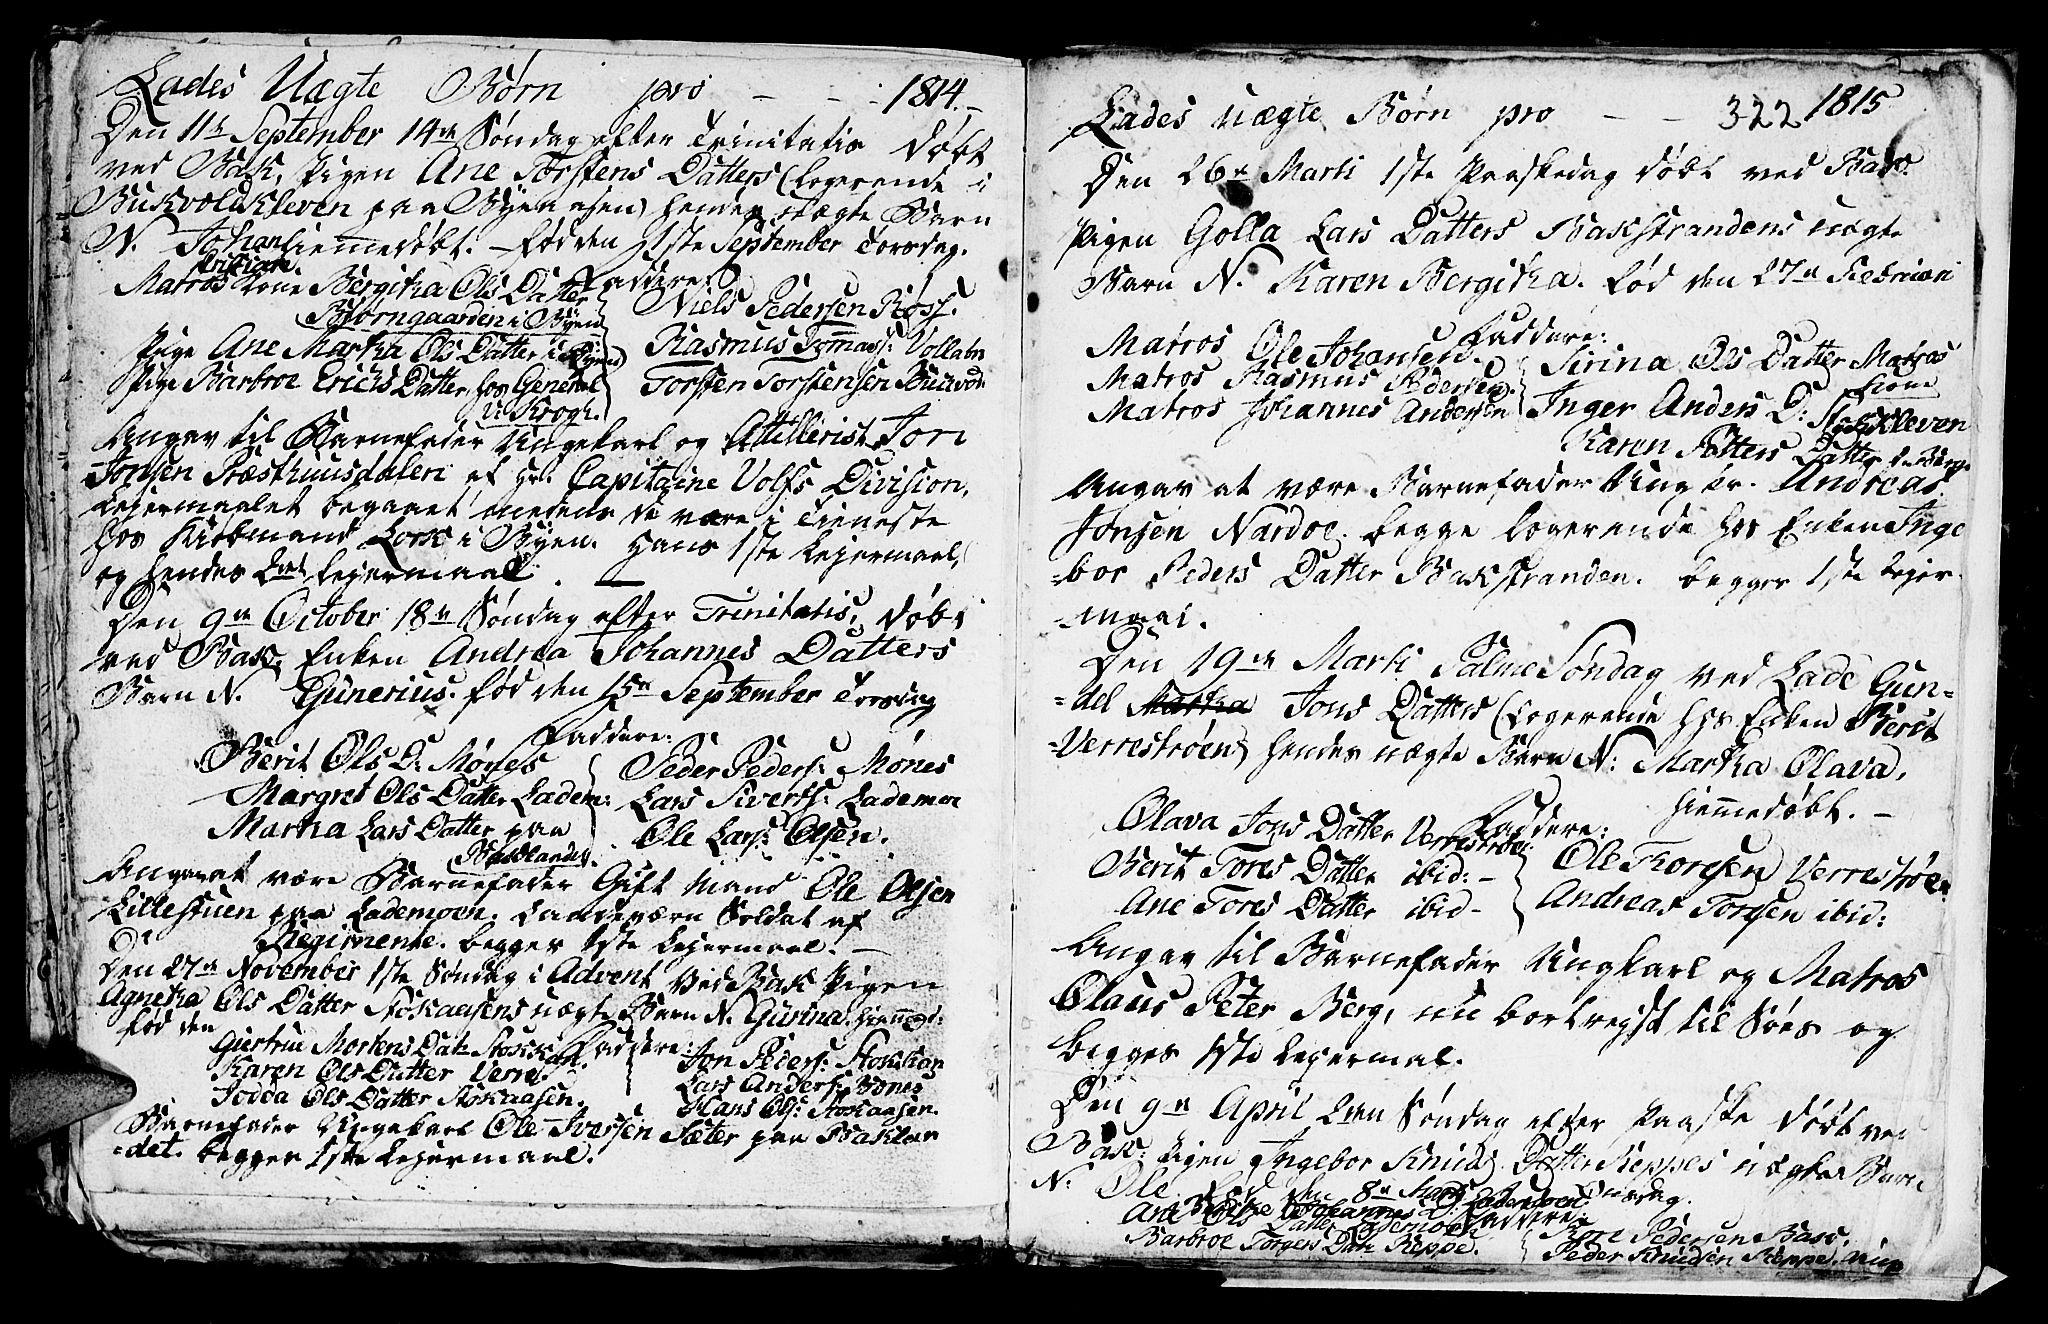 SAT, Ministerialprotokoller, klokkerbøker og fødselsregistre - Sør-Trøndelag, 606/L0305: Klokkerbok nr. 606C01, 1757-1819, s. 322